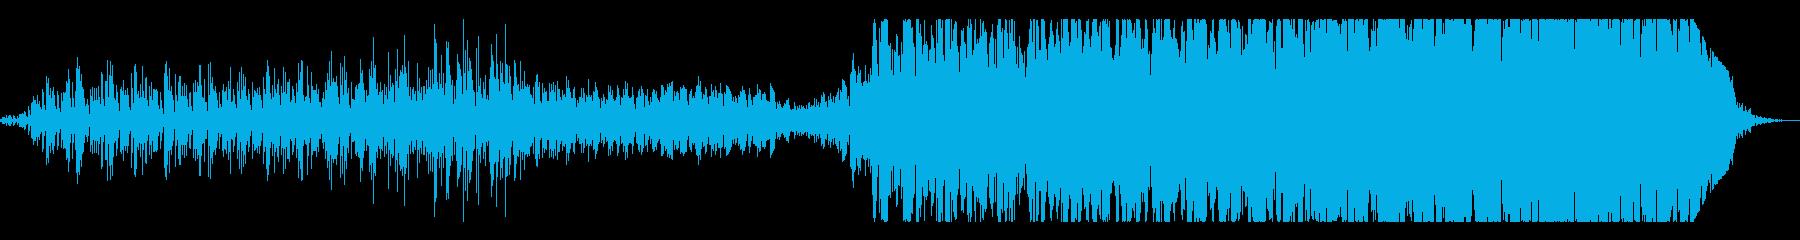 ウェーブテーブルシンセの独自サウンドですの再生済みの波形